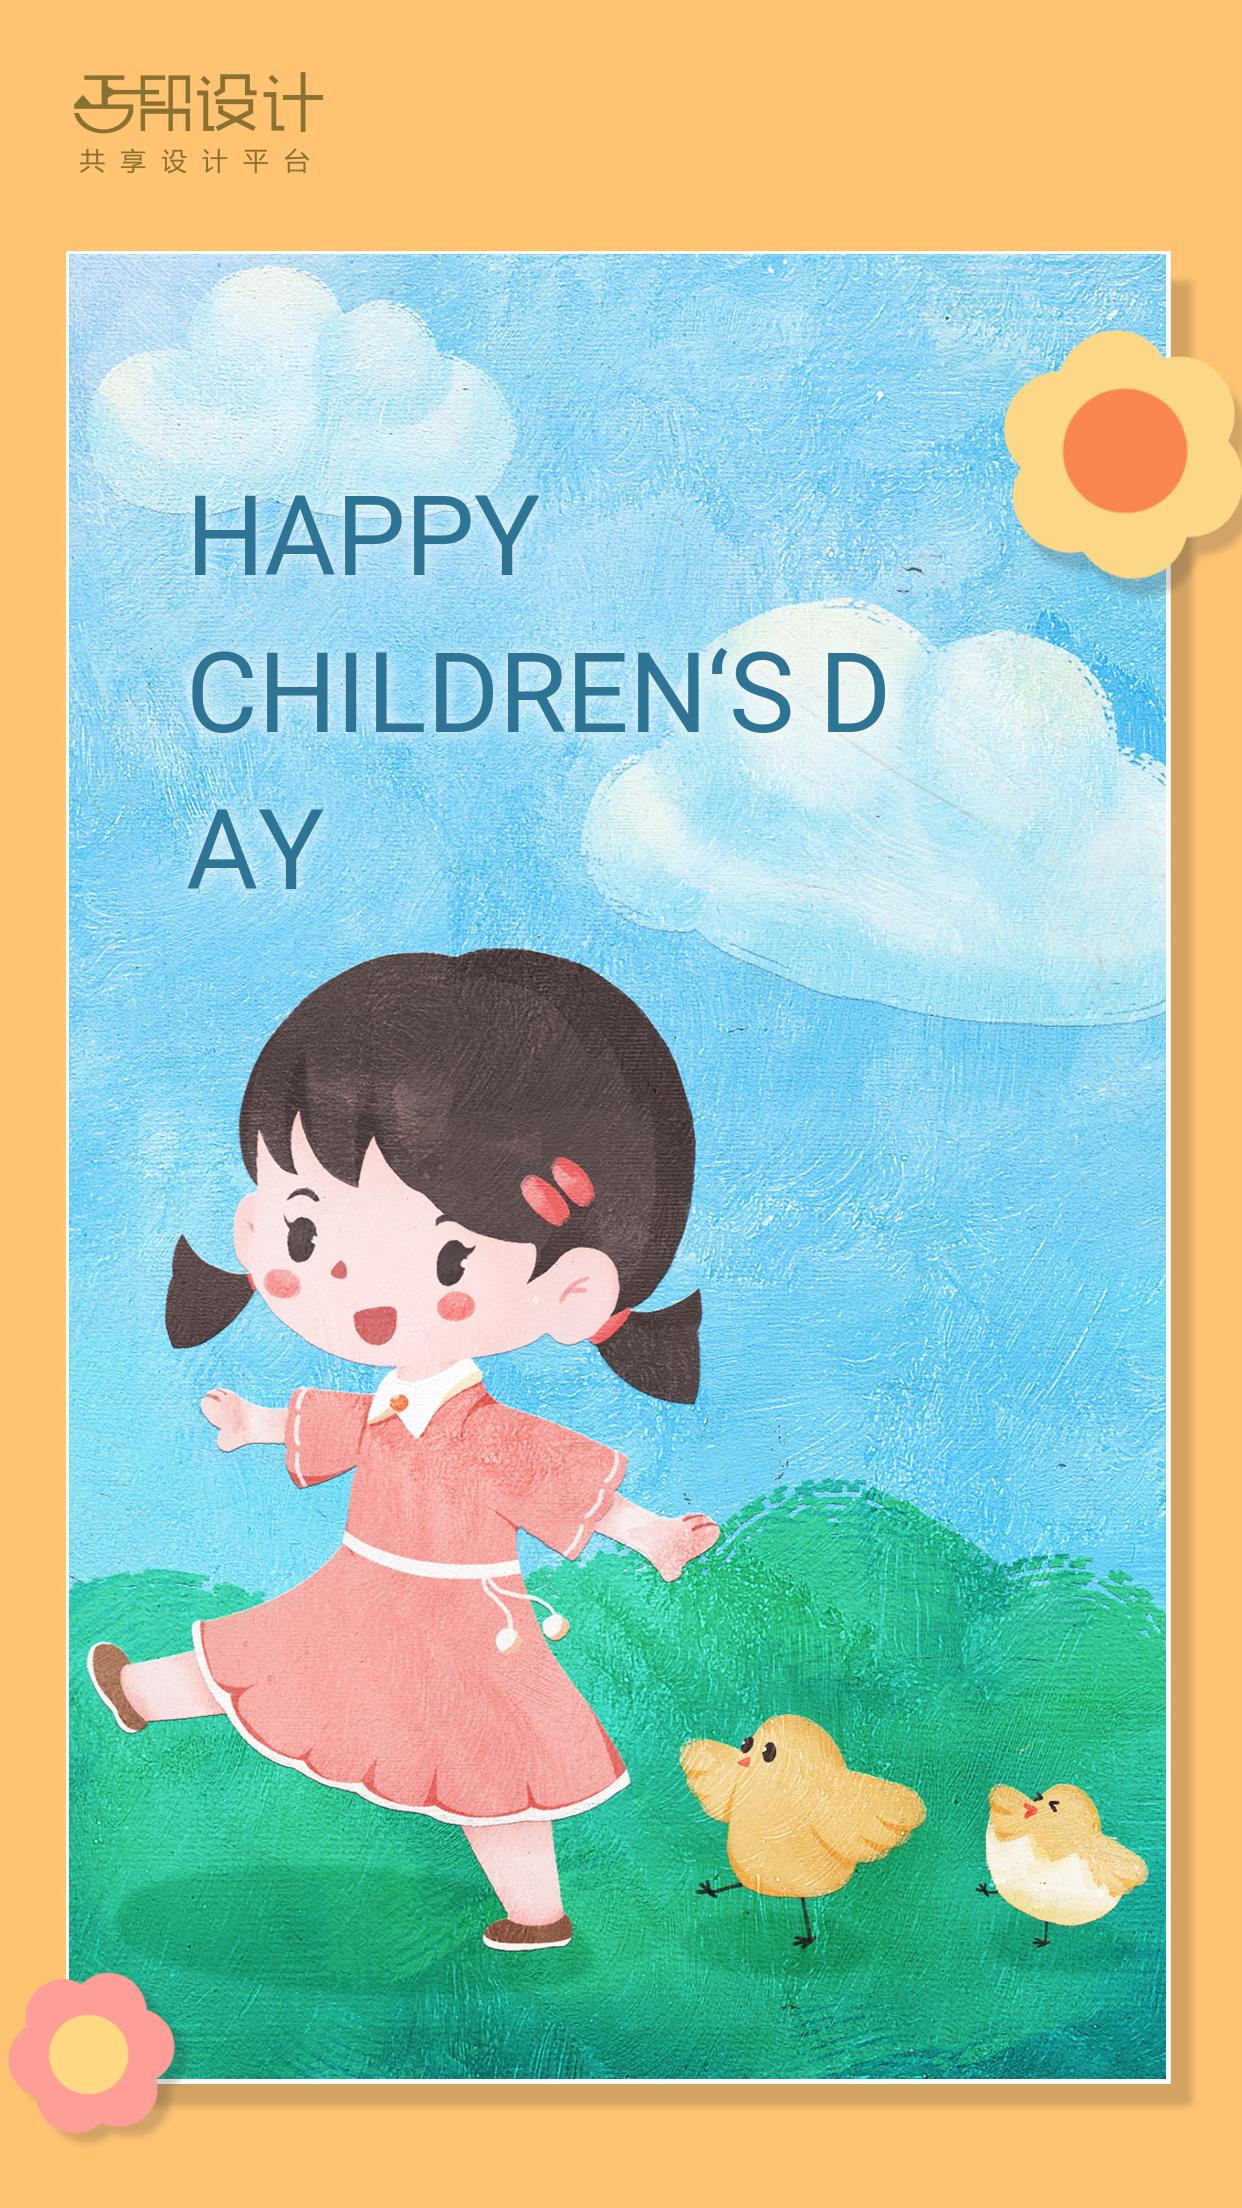 六一儿童节节日祝福油画棒贺卡海报